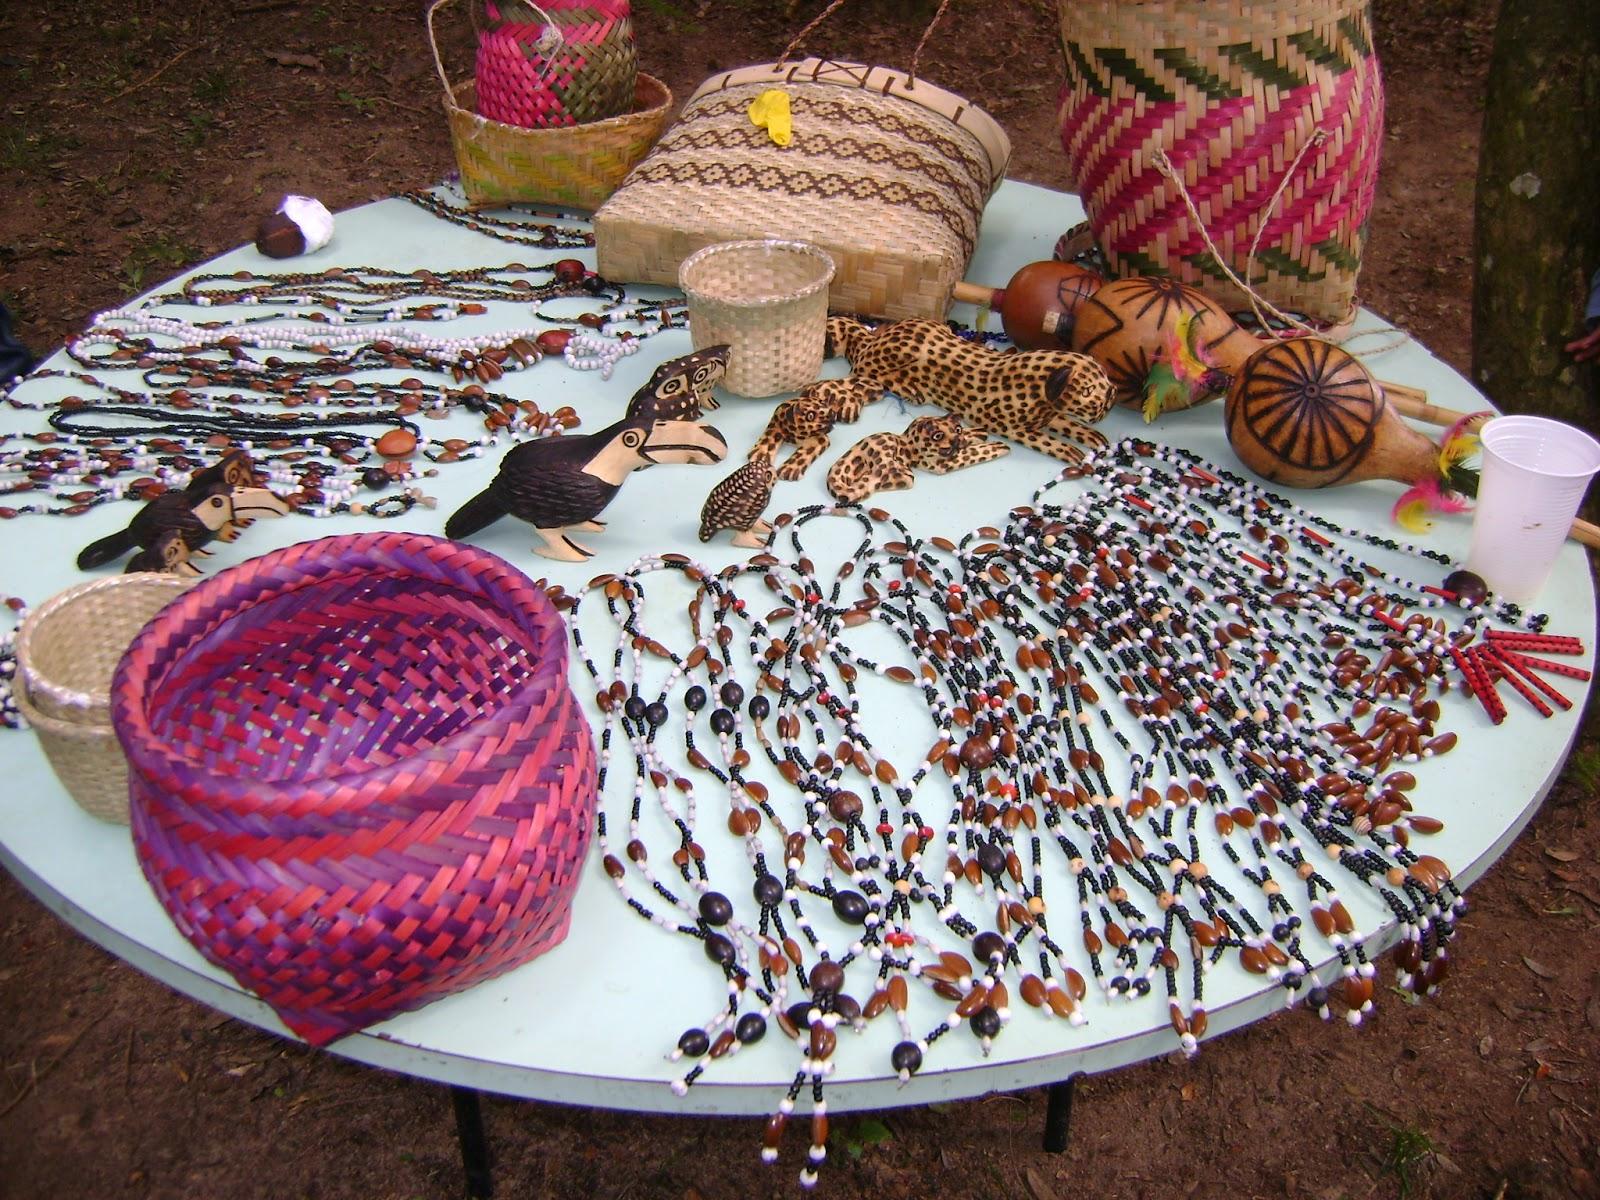 Aparador Negro Barato ~  u00cdndio cidad u00e3o do mundo! Venda de artesanato indígena